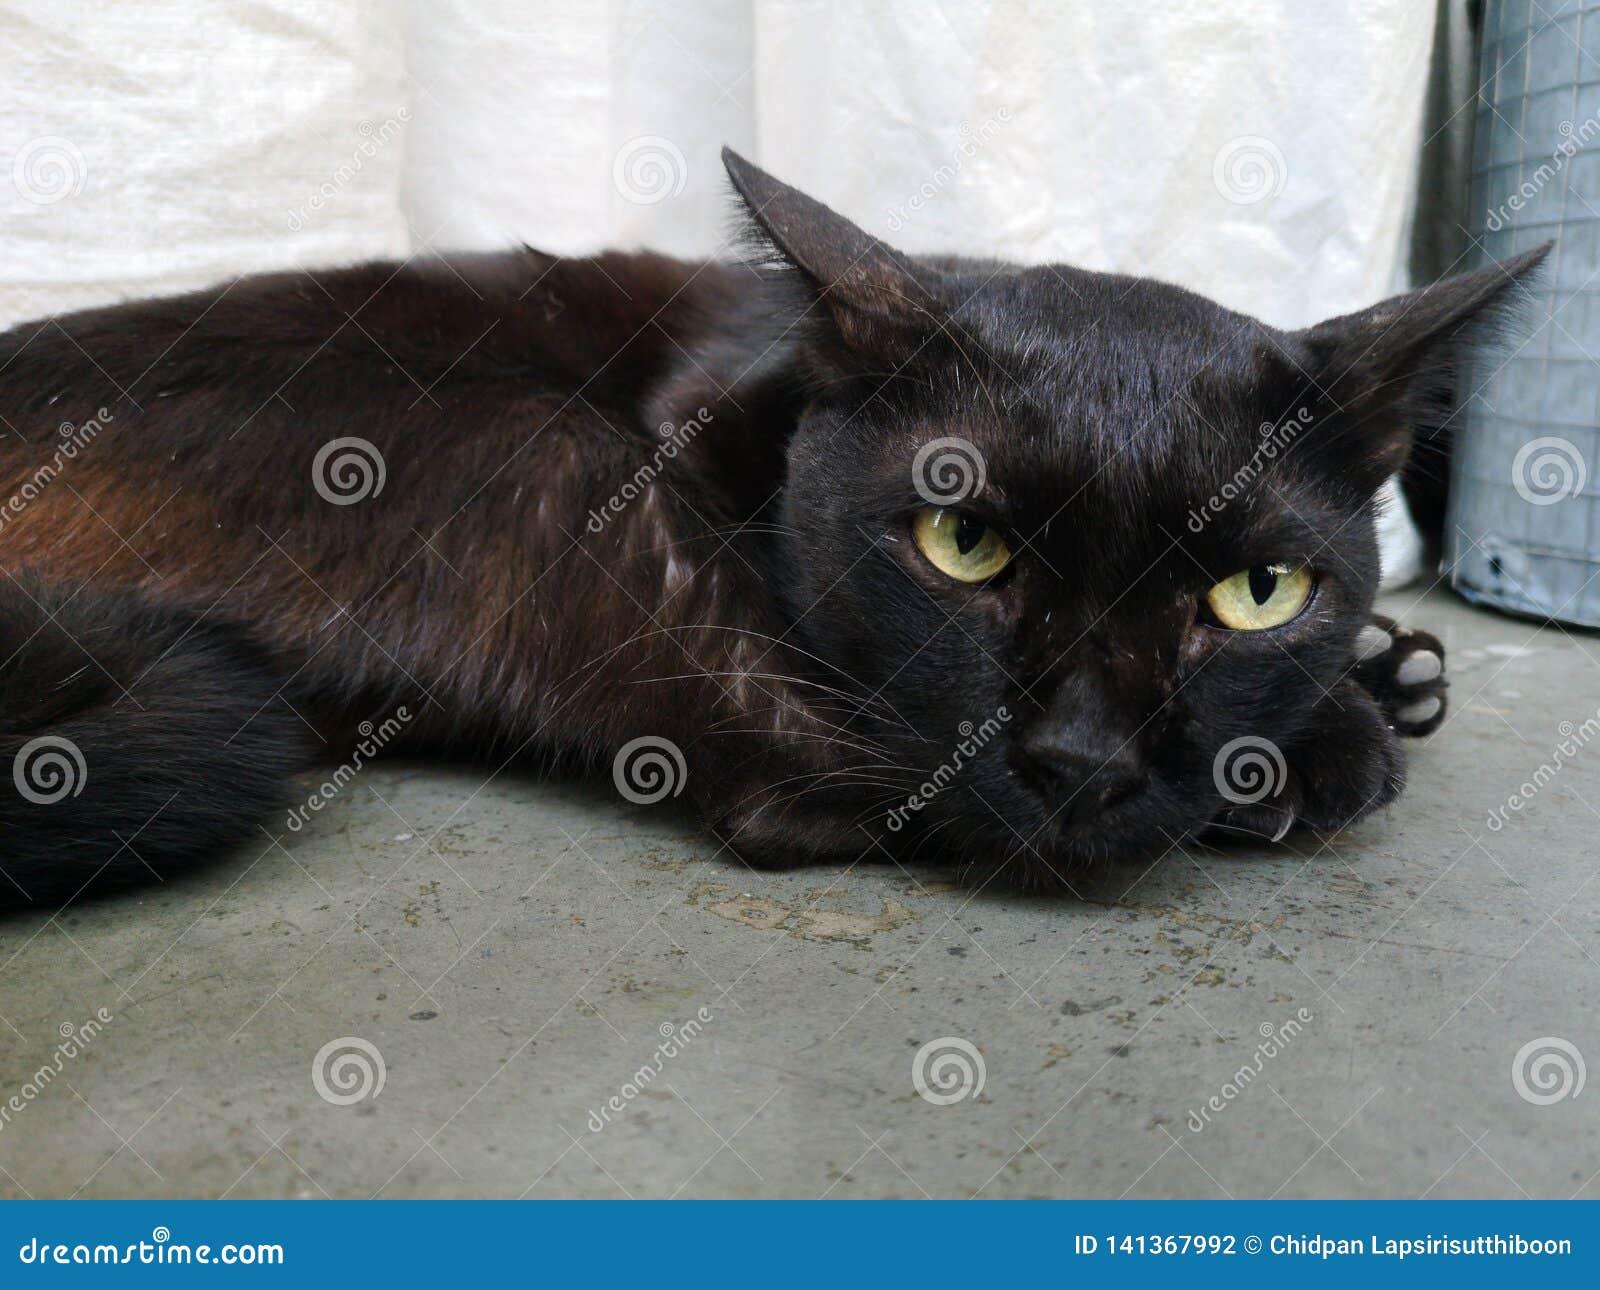 ํYoung cat has black hair, lying on the concrete floor. And staring with green eyes